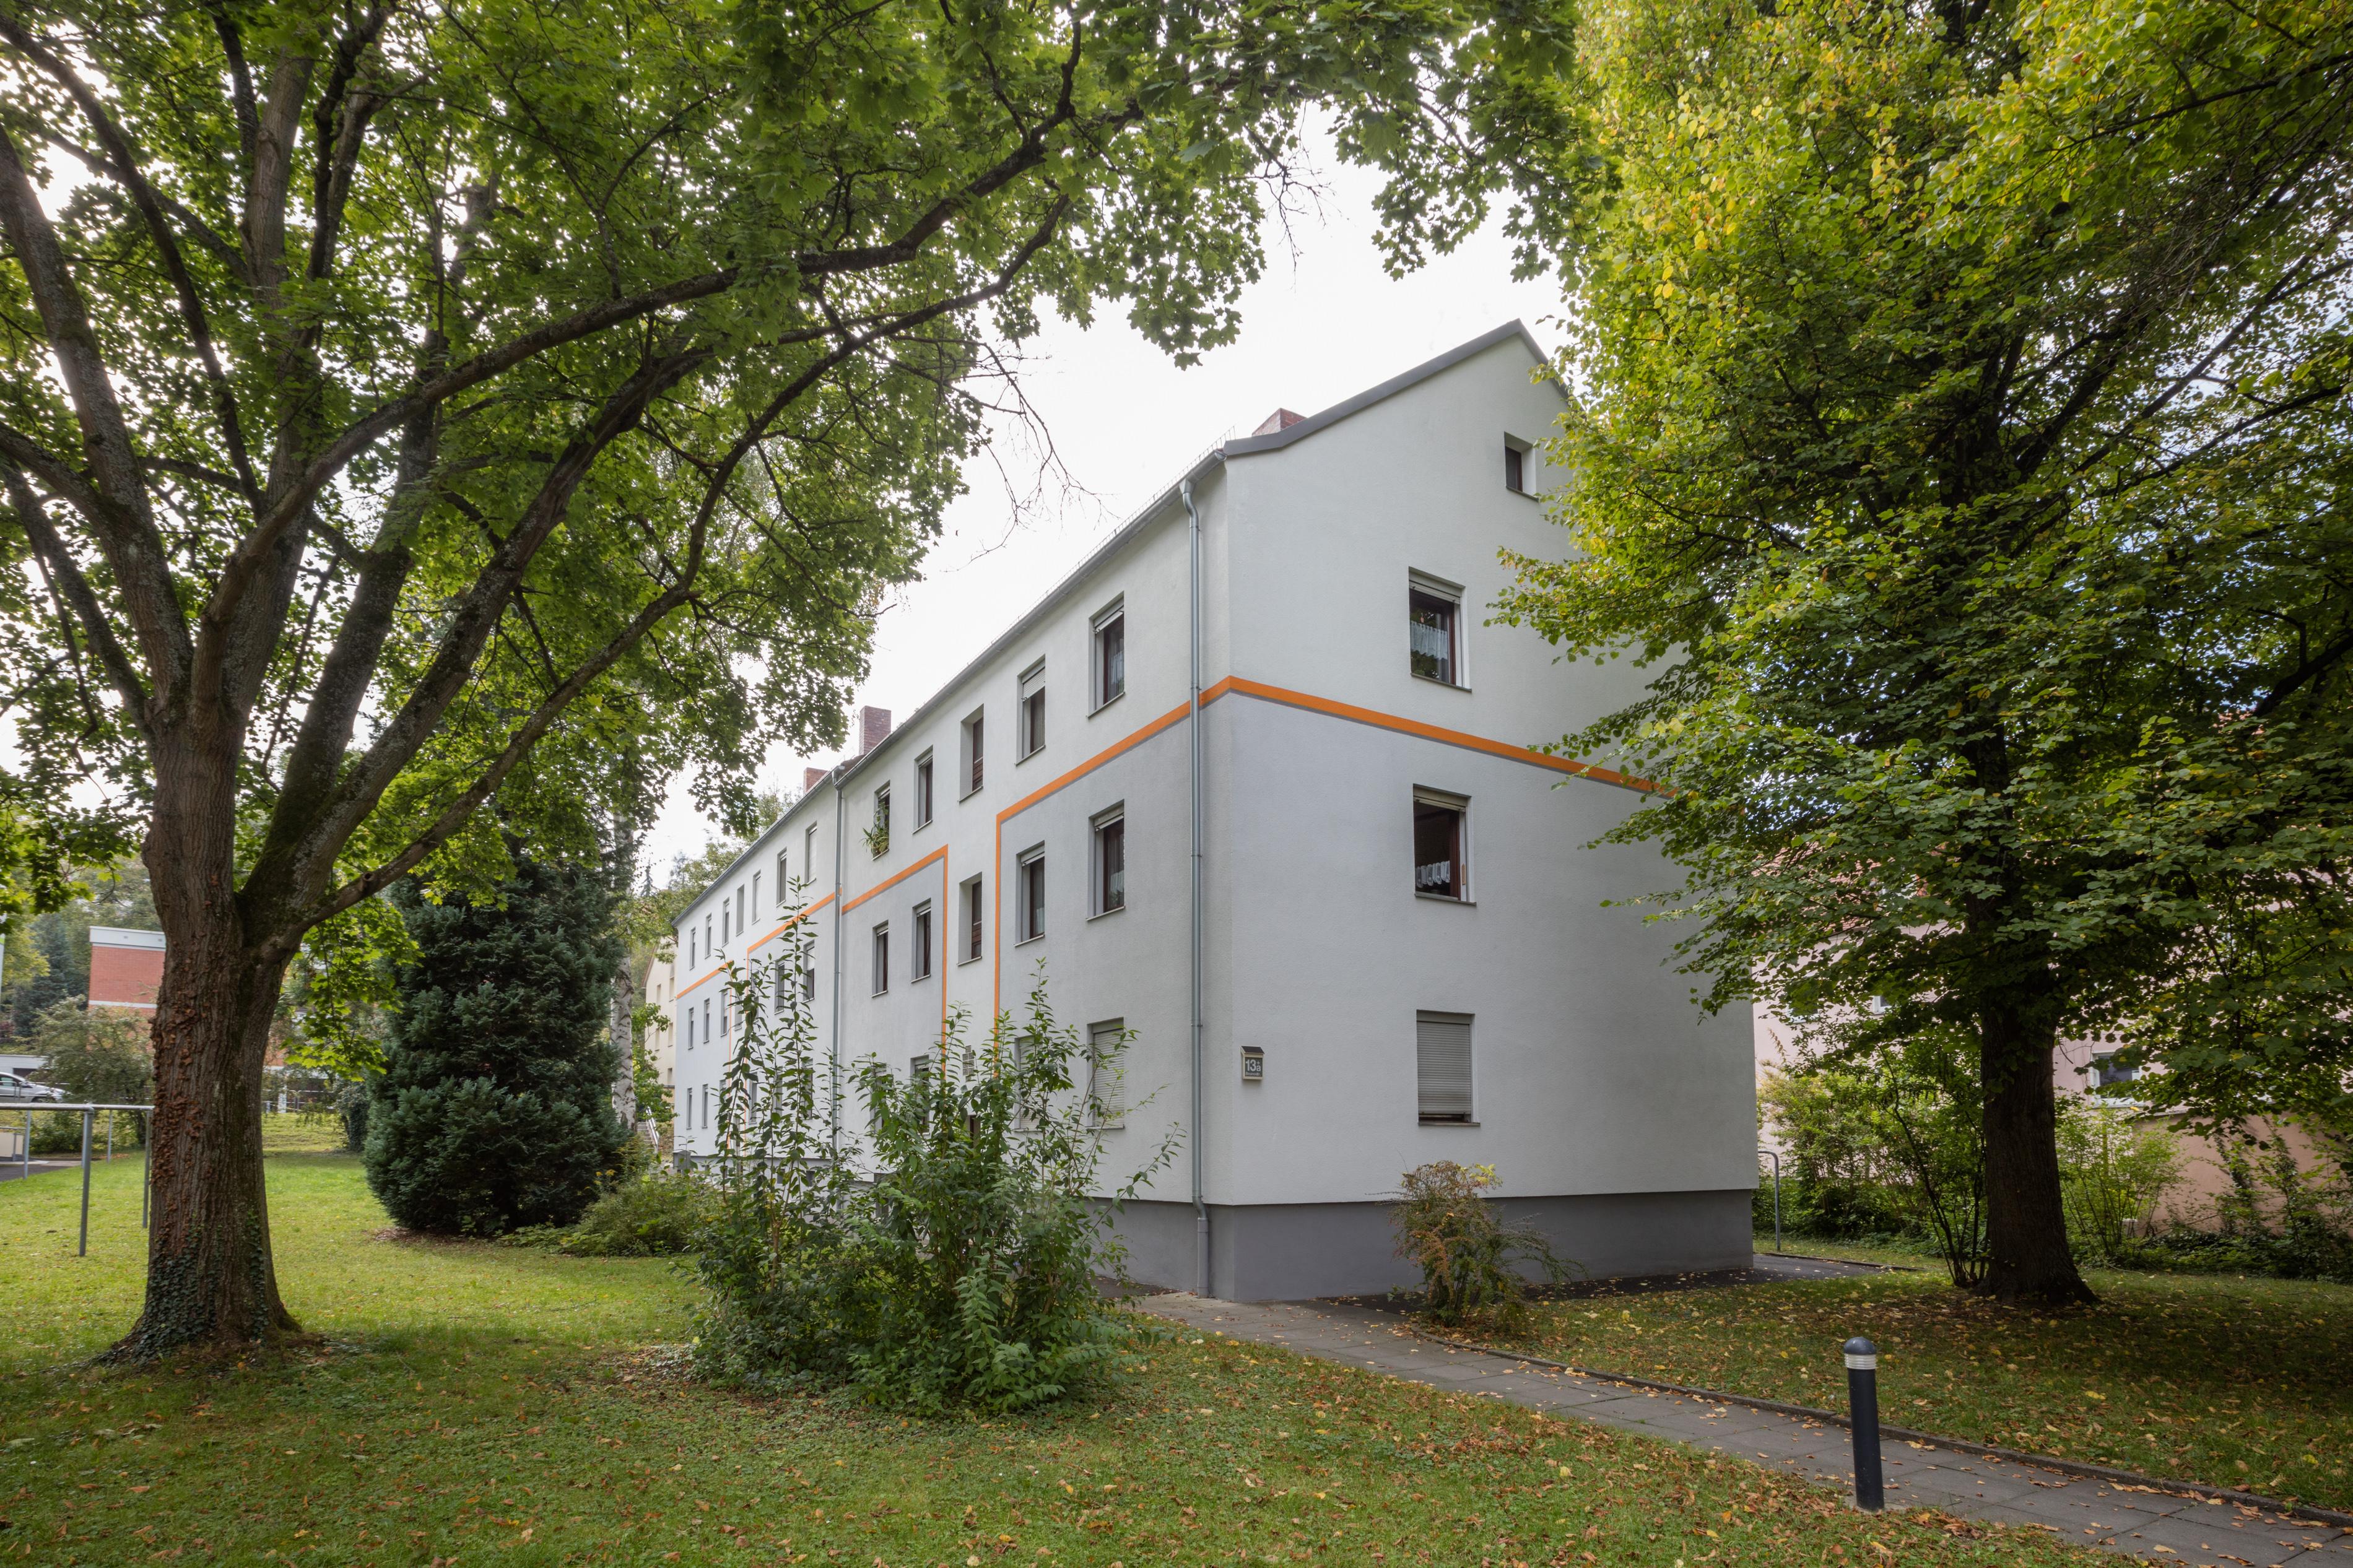 bew_würzburg-13